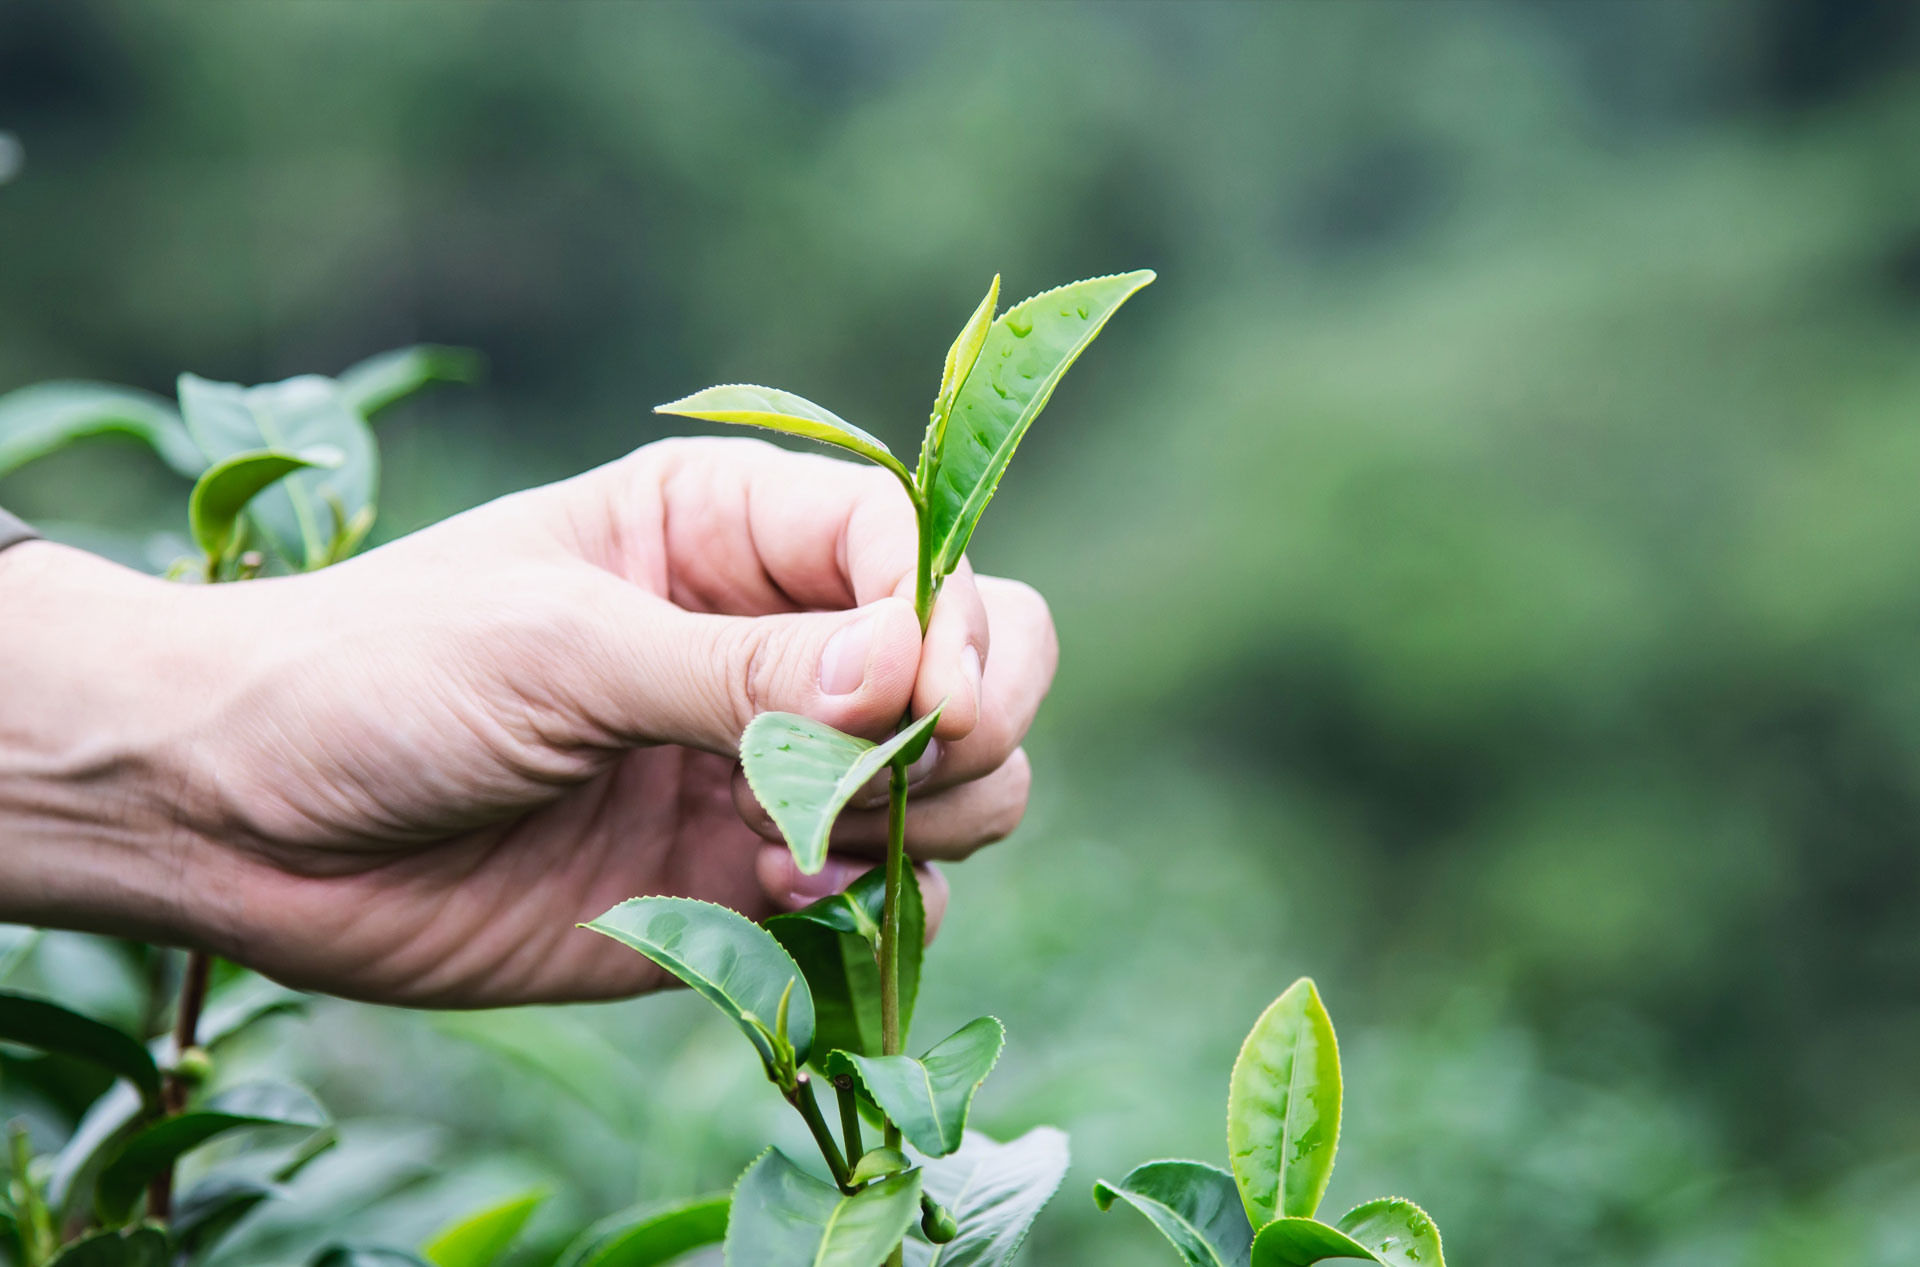 Risultato immagini per green tea  plants